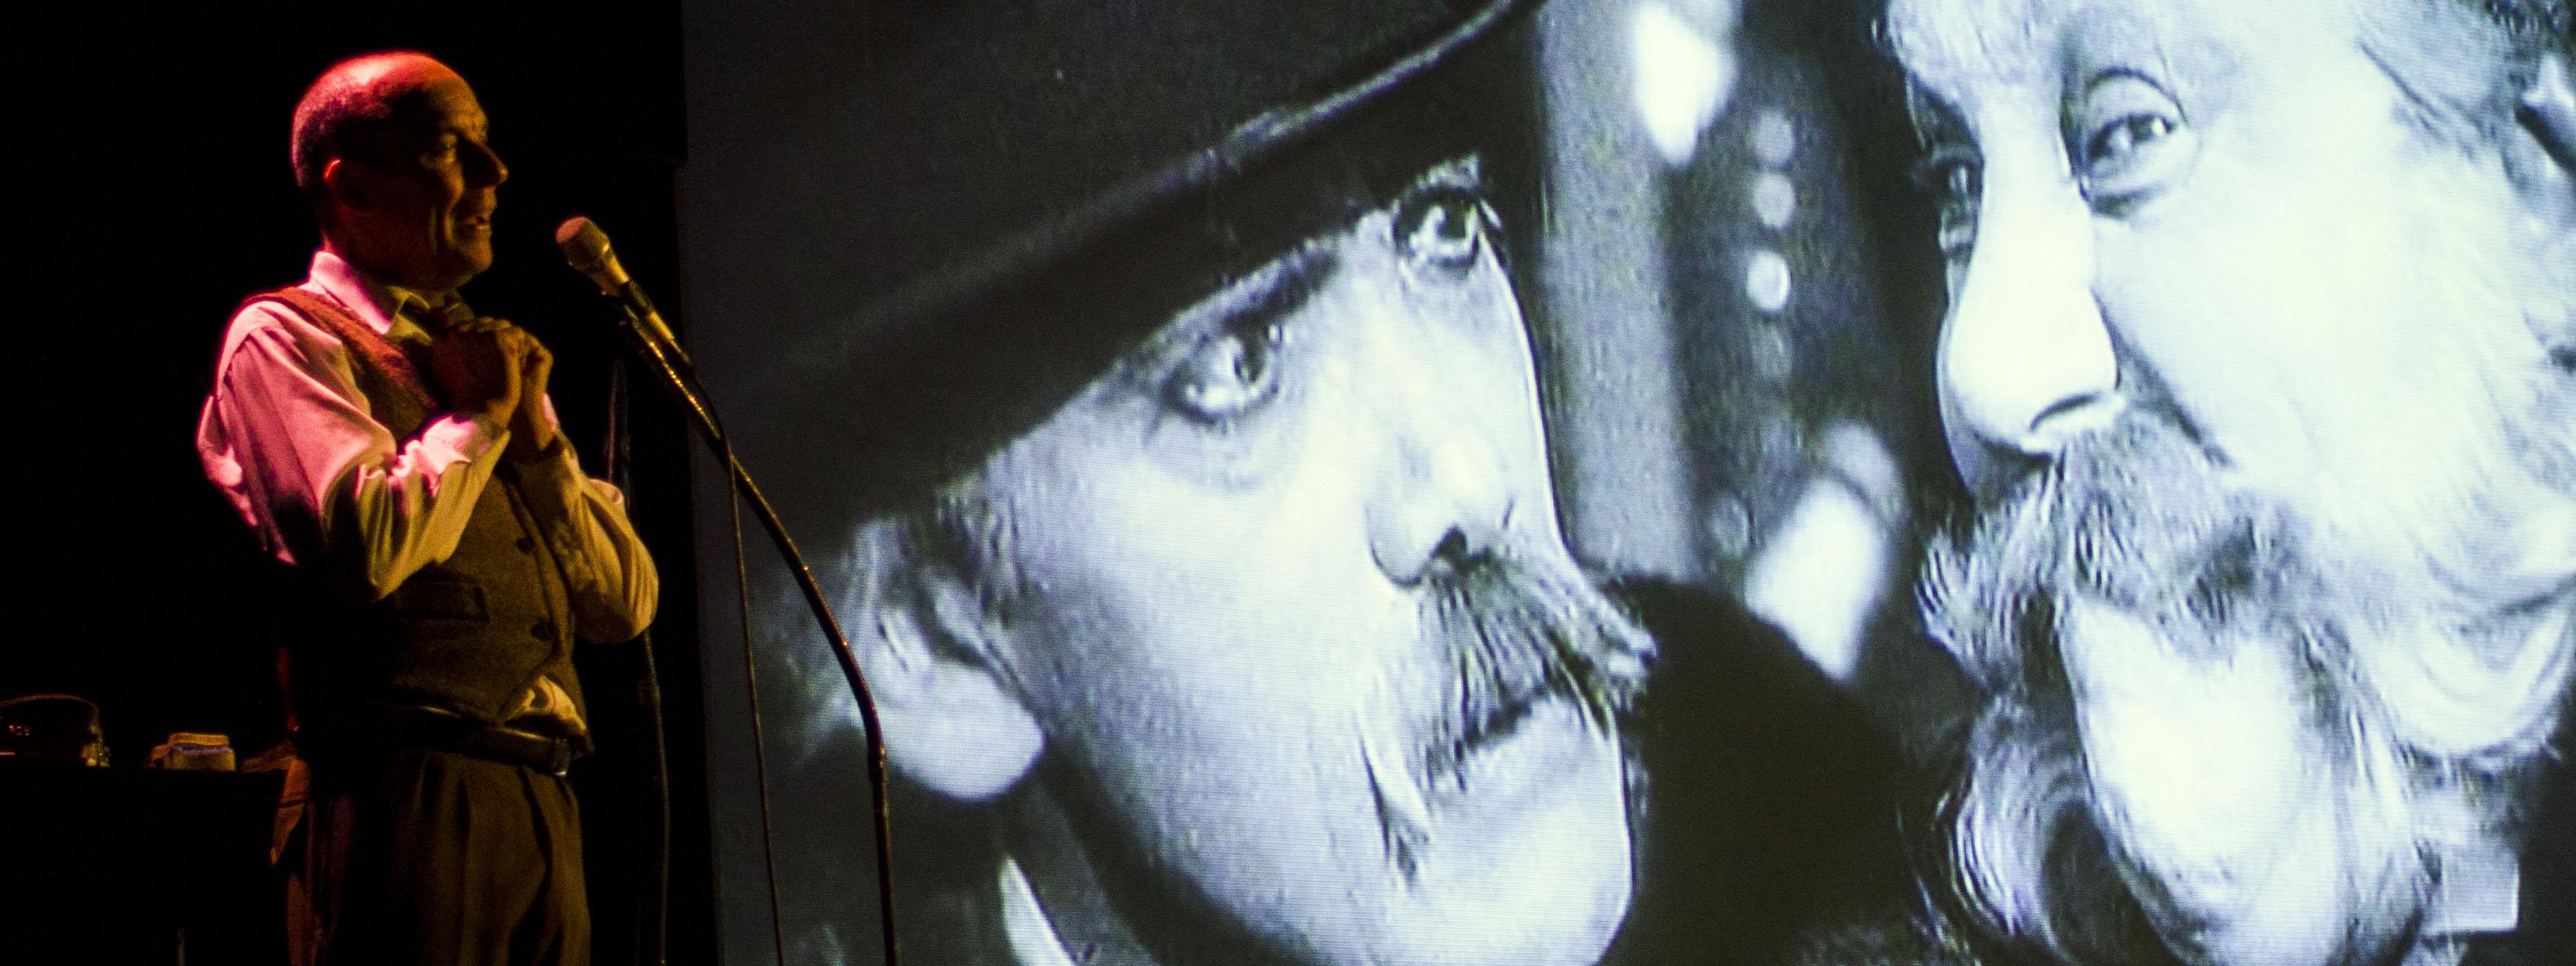 Photo d'un comédien qui double un film muet en direct